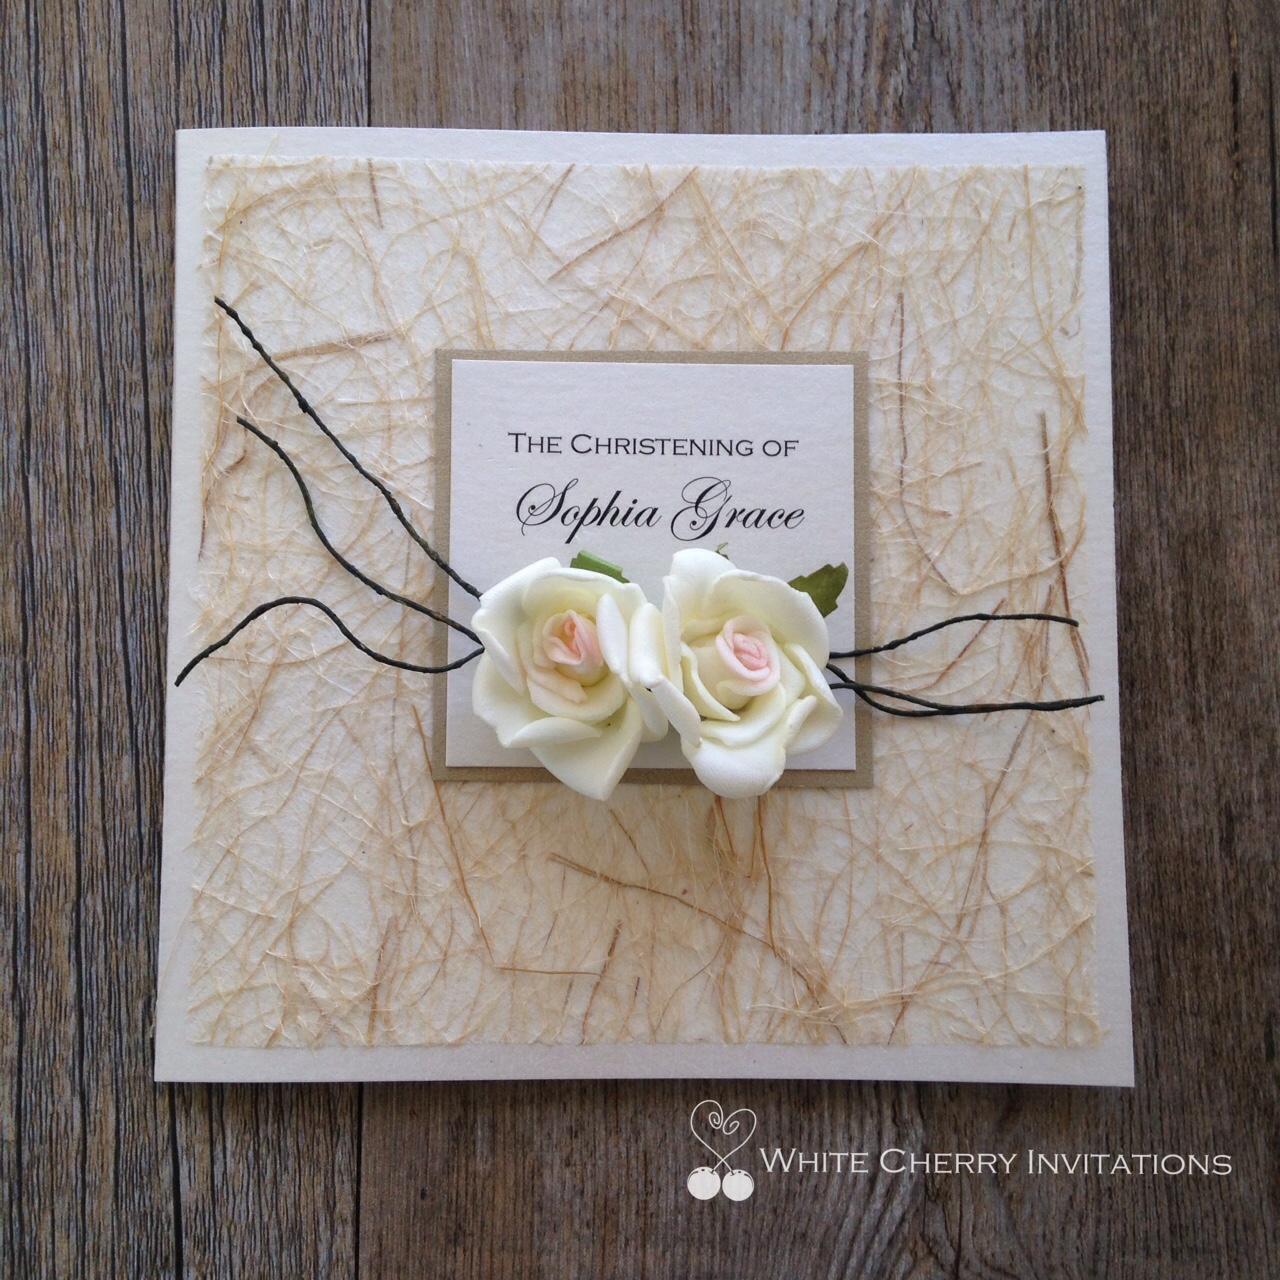 White Cherry Invitations | Wedding Invitations in Sydney (New ...